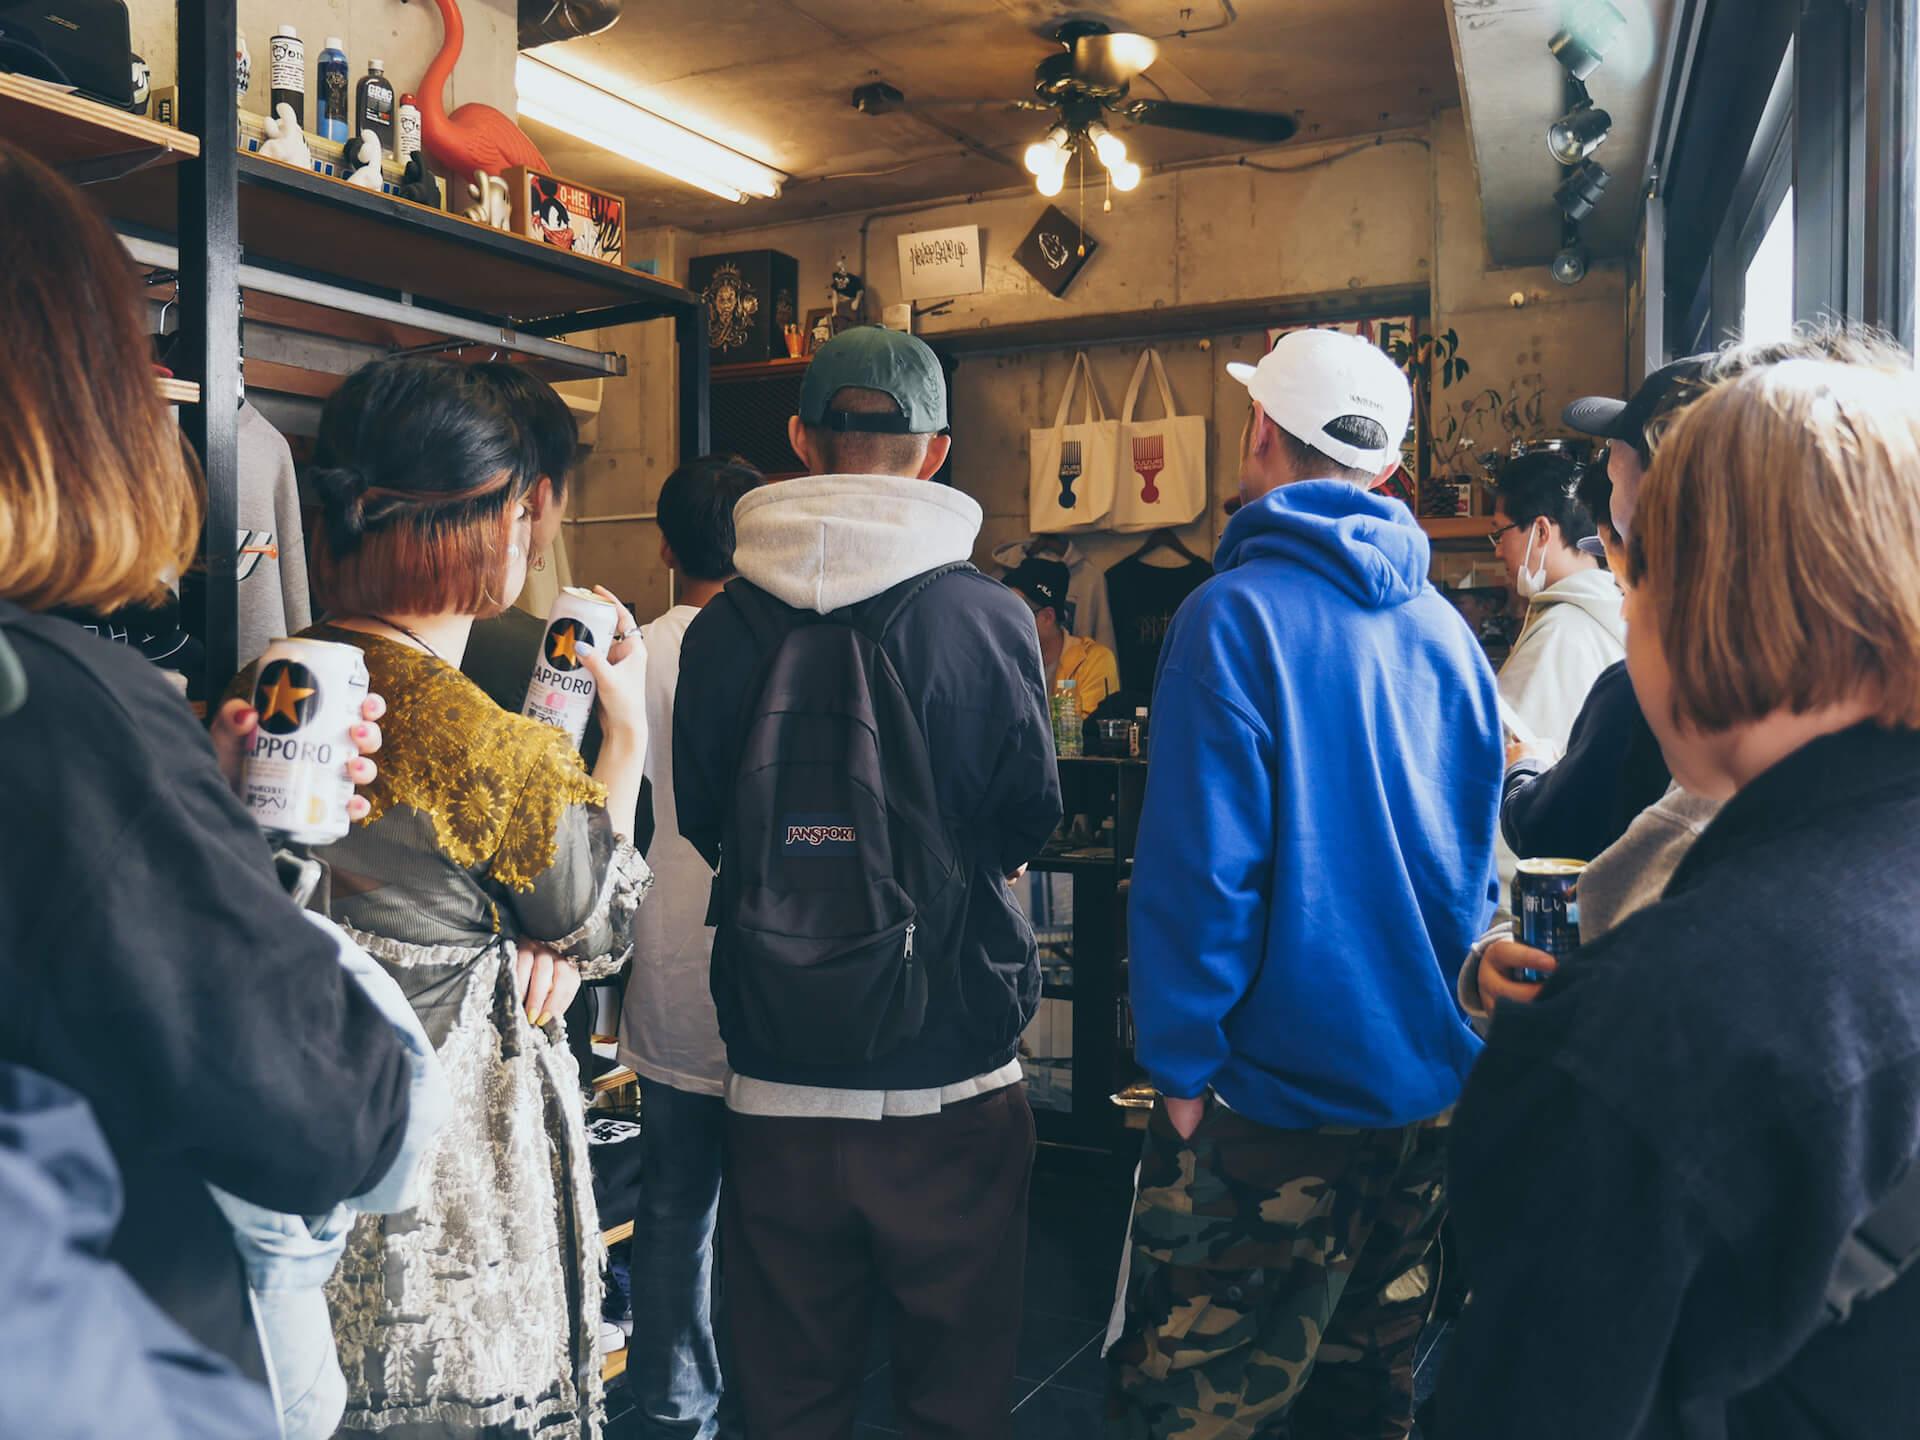 ビートは世界と出会う――BEAT MEETS WORLD x WANDERMAN POP UP in RAH YOKOHAMA REPORT interview-beat-meets-world-pop-up-report-9